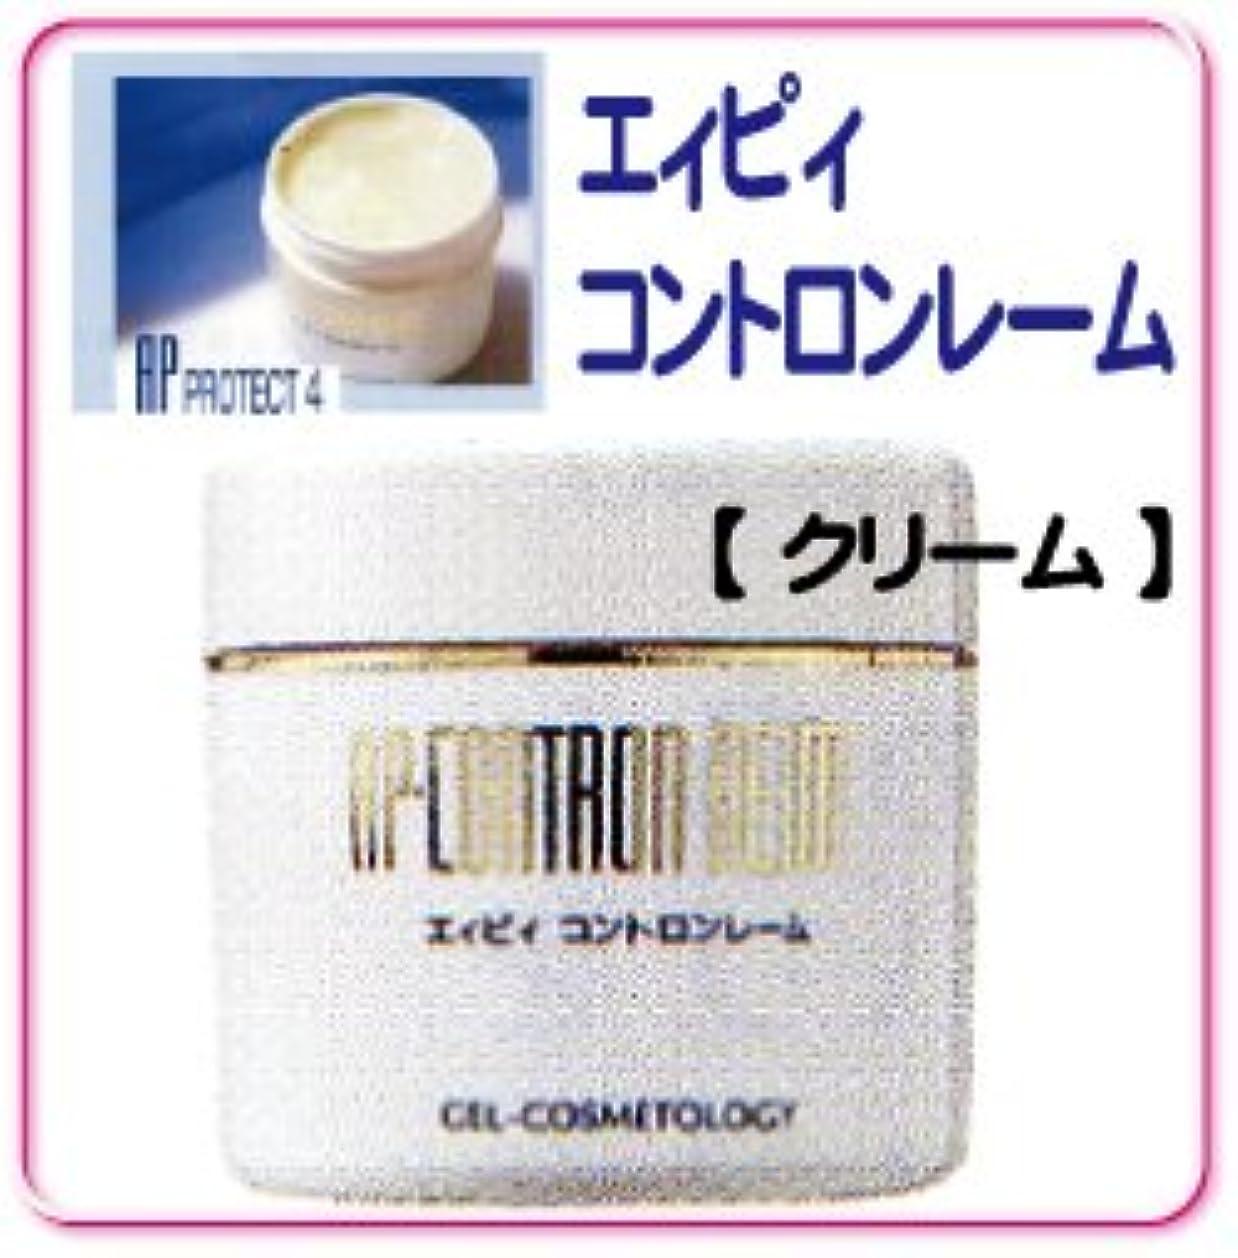 故意にブラインド凶暴なベルマン化粧品 APprotectシリーズ  コントロンレーム  敏感肌用クリーム 110g